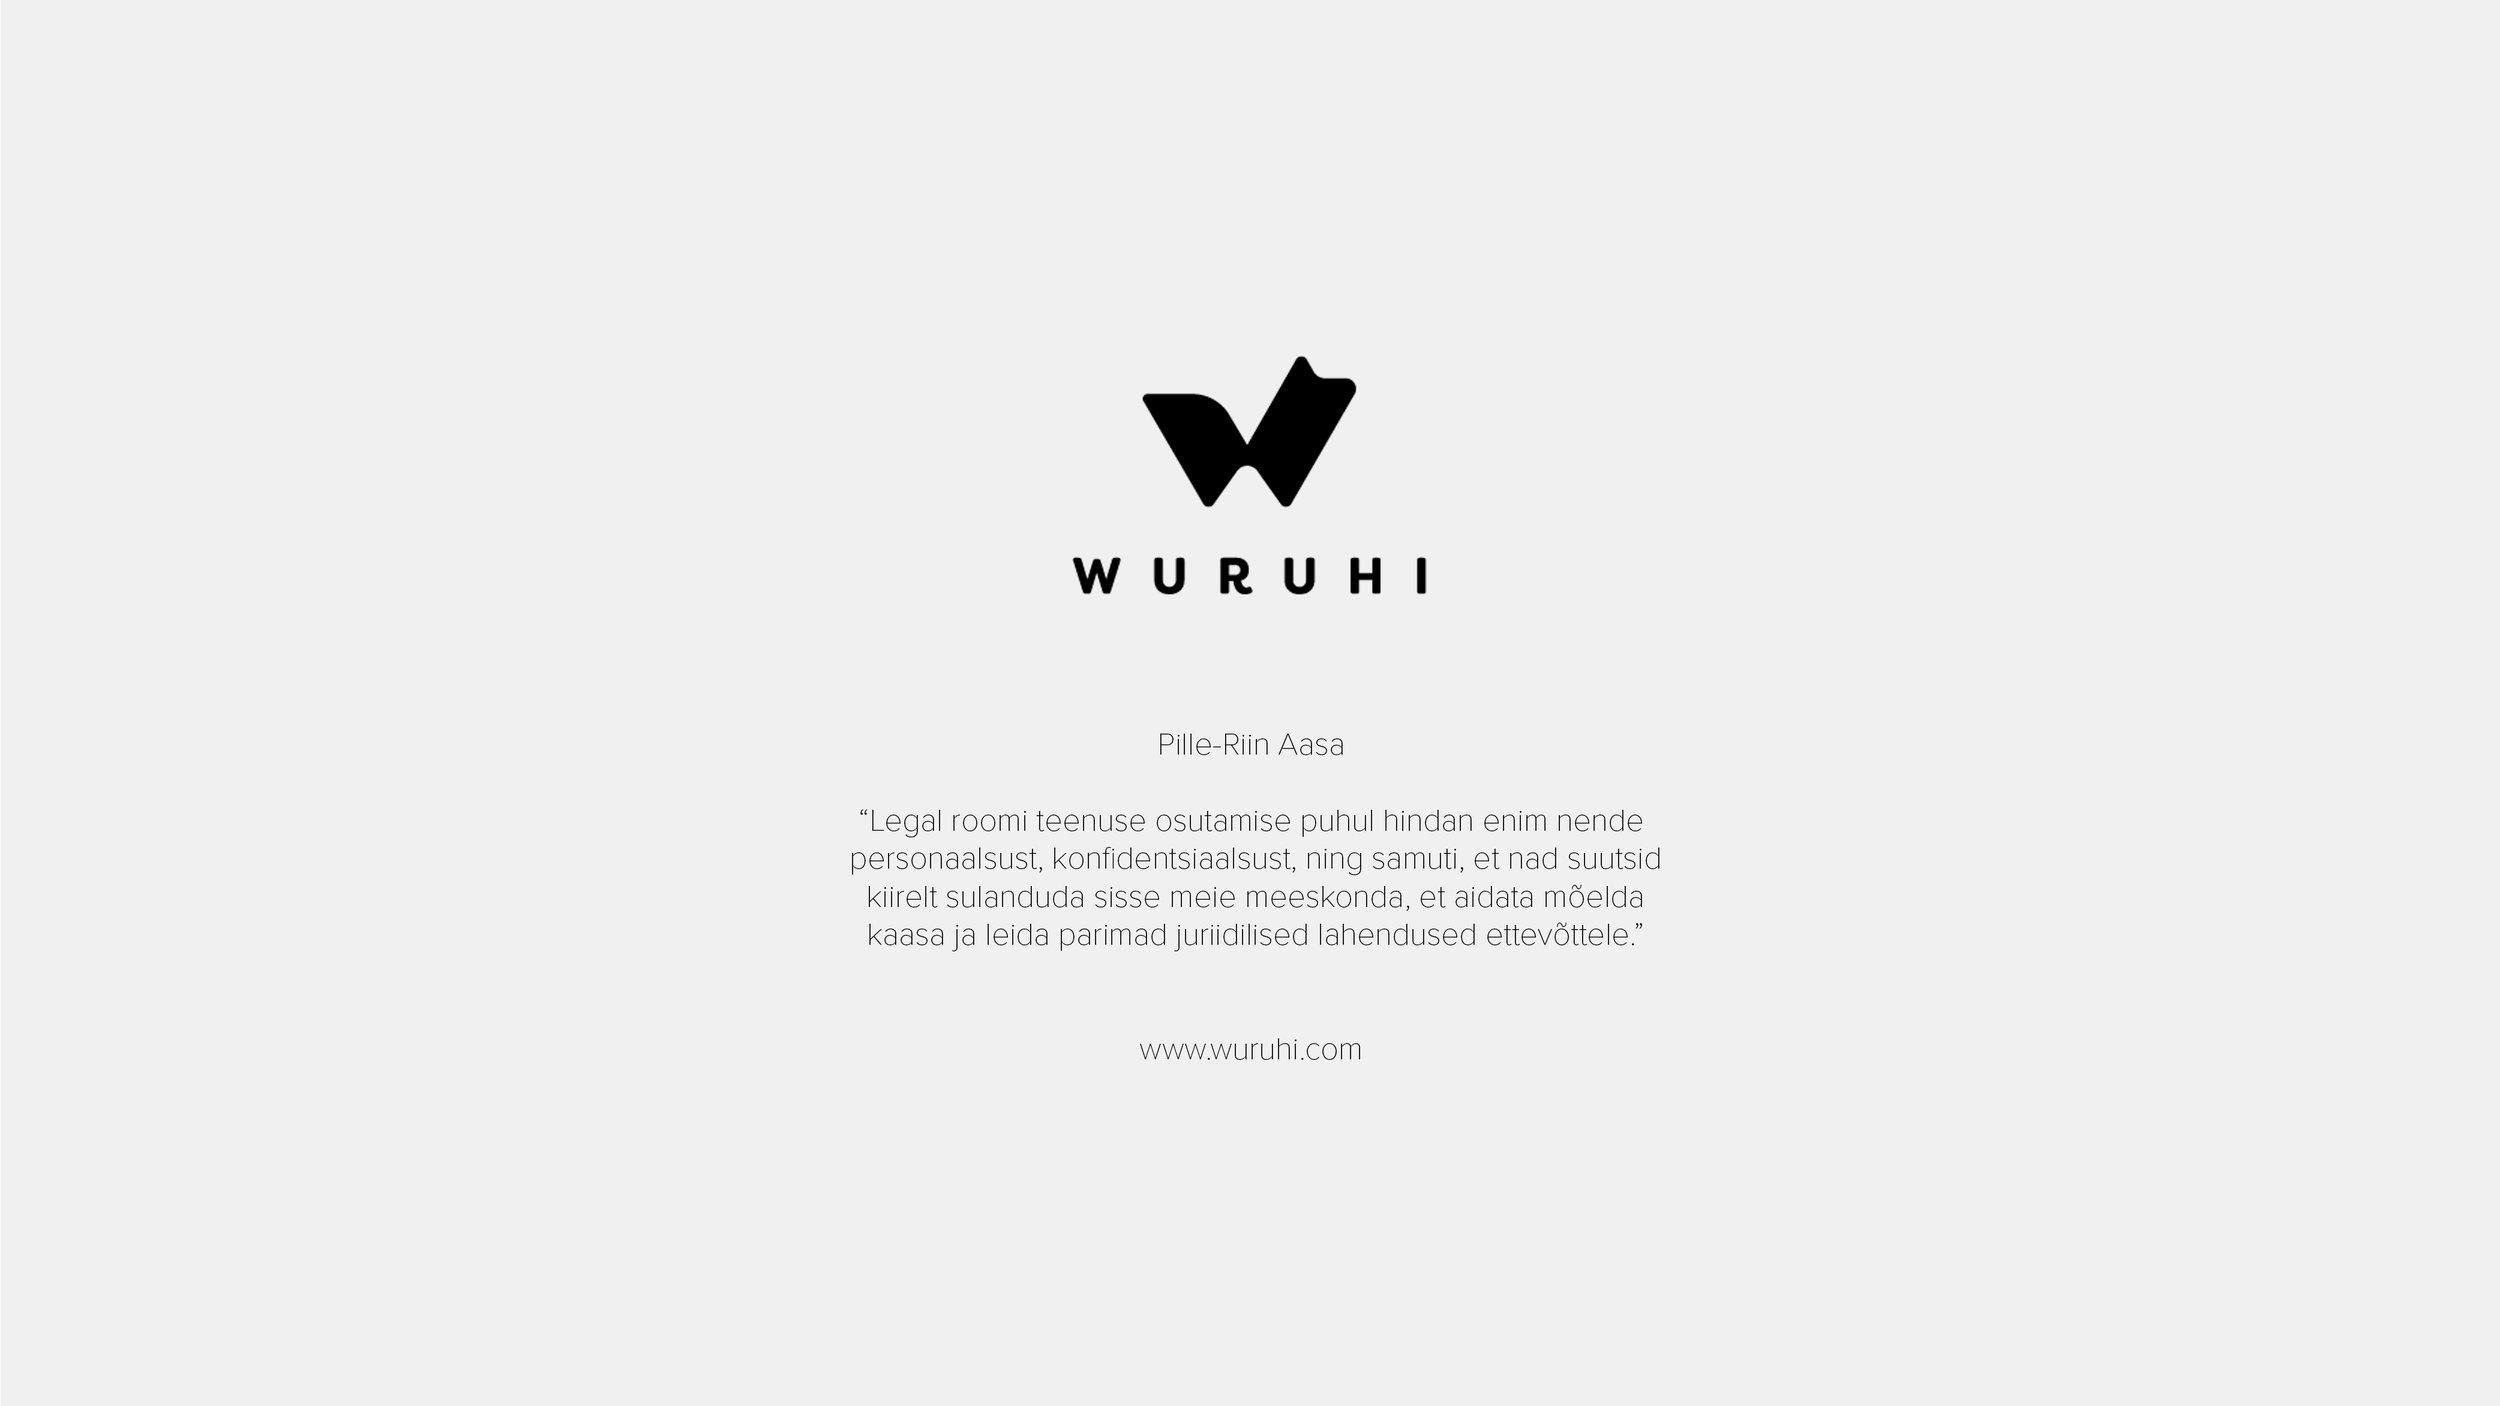 wuruhi.com.jpg